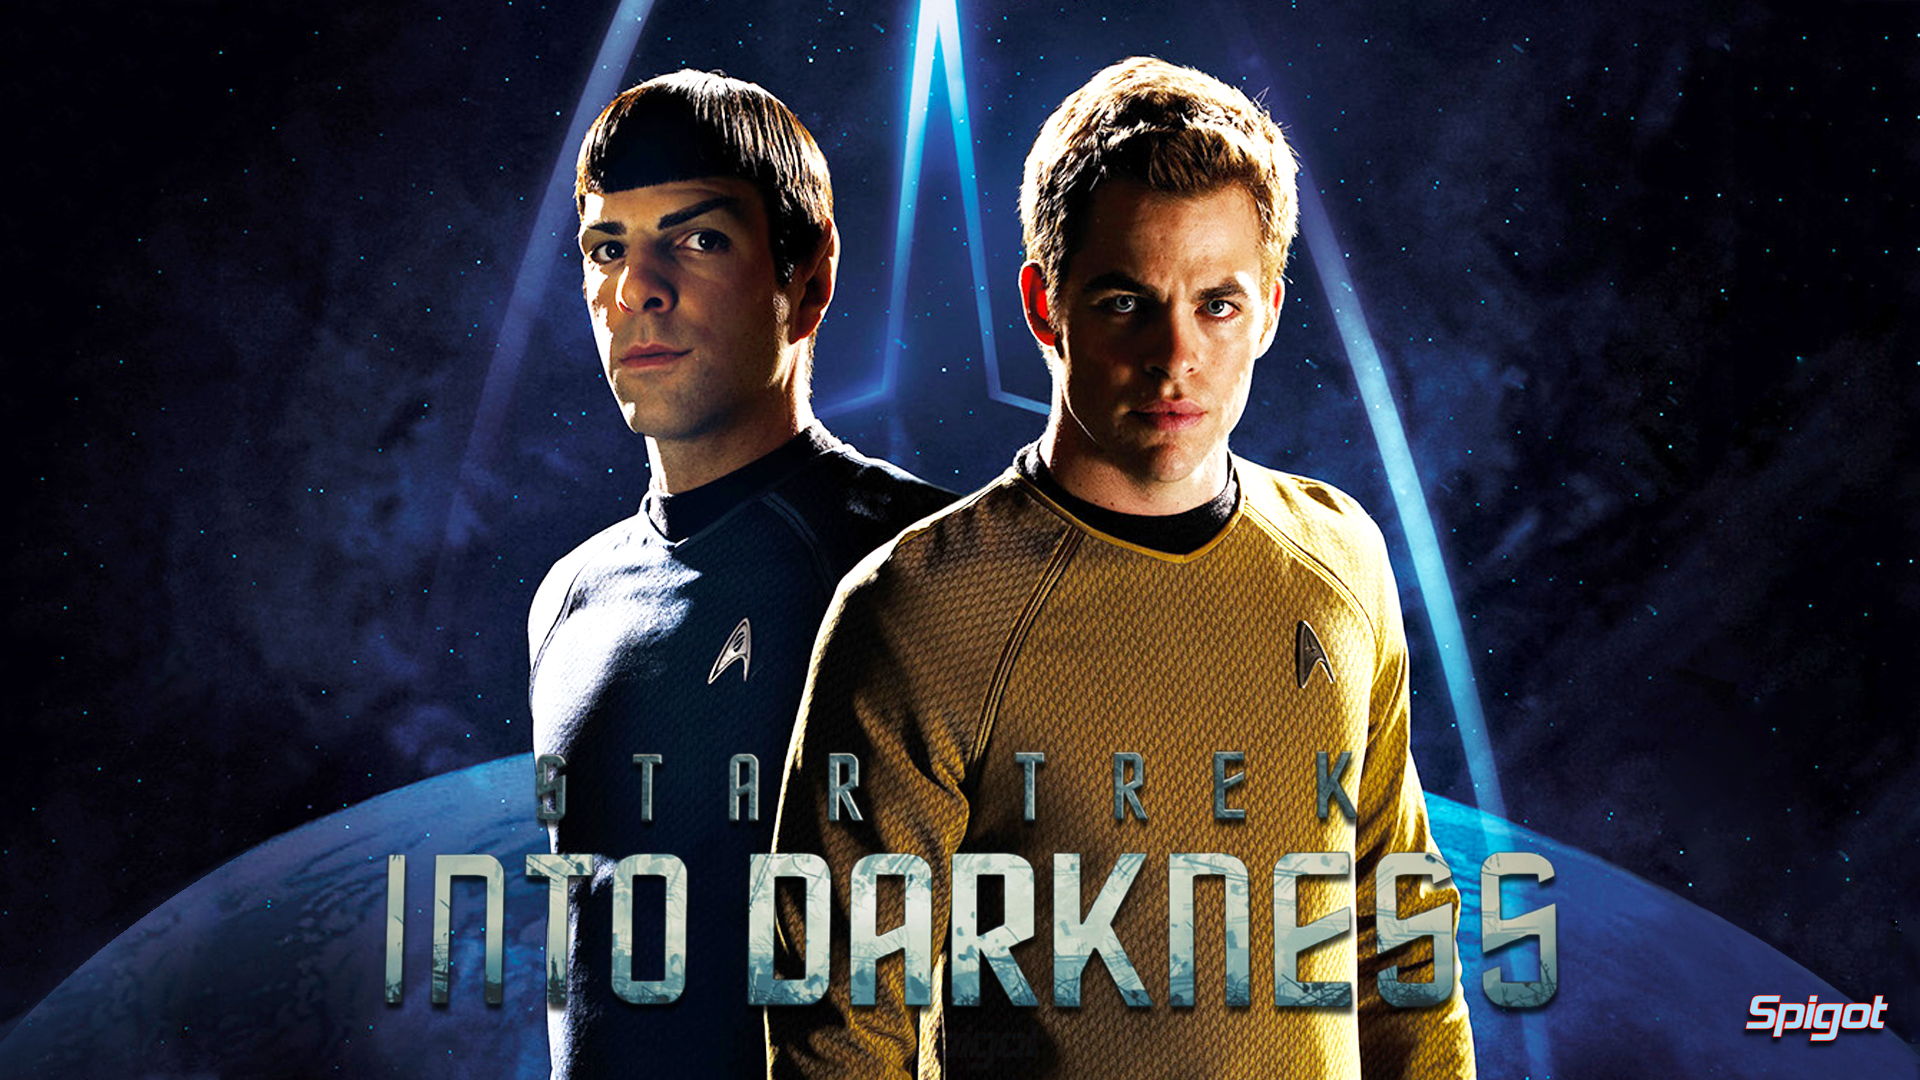 Star Trek Into Darkness George Spigots Blog 1920x1080